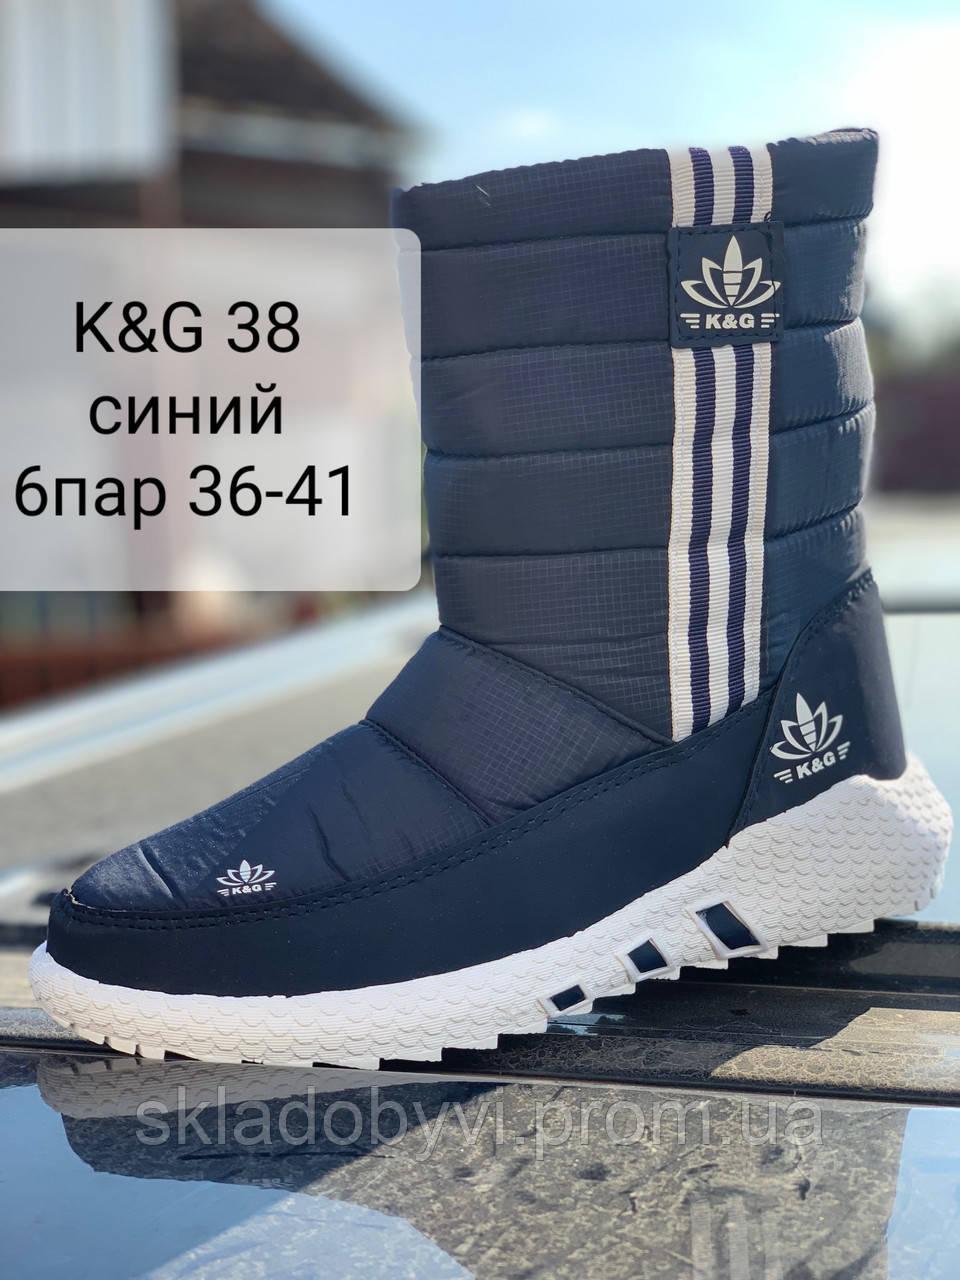 Жіночі дутики чоботи. K&G 38 синій